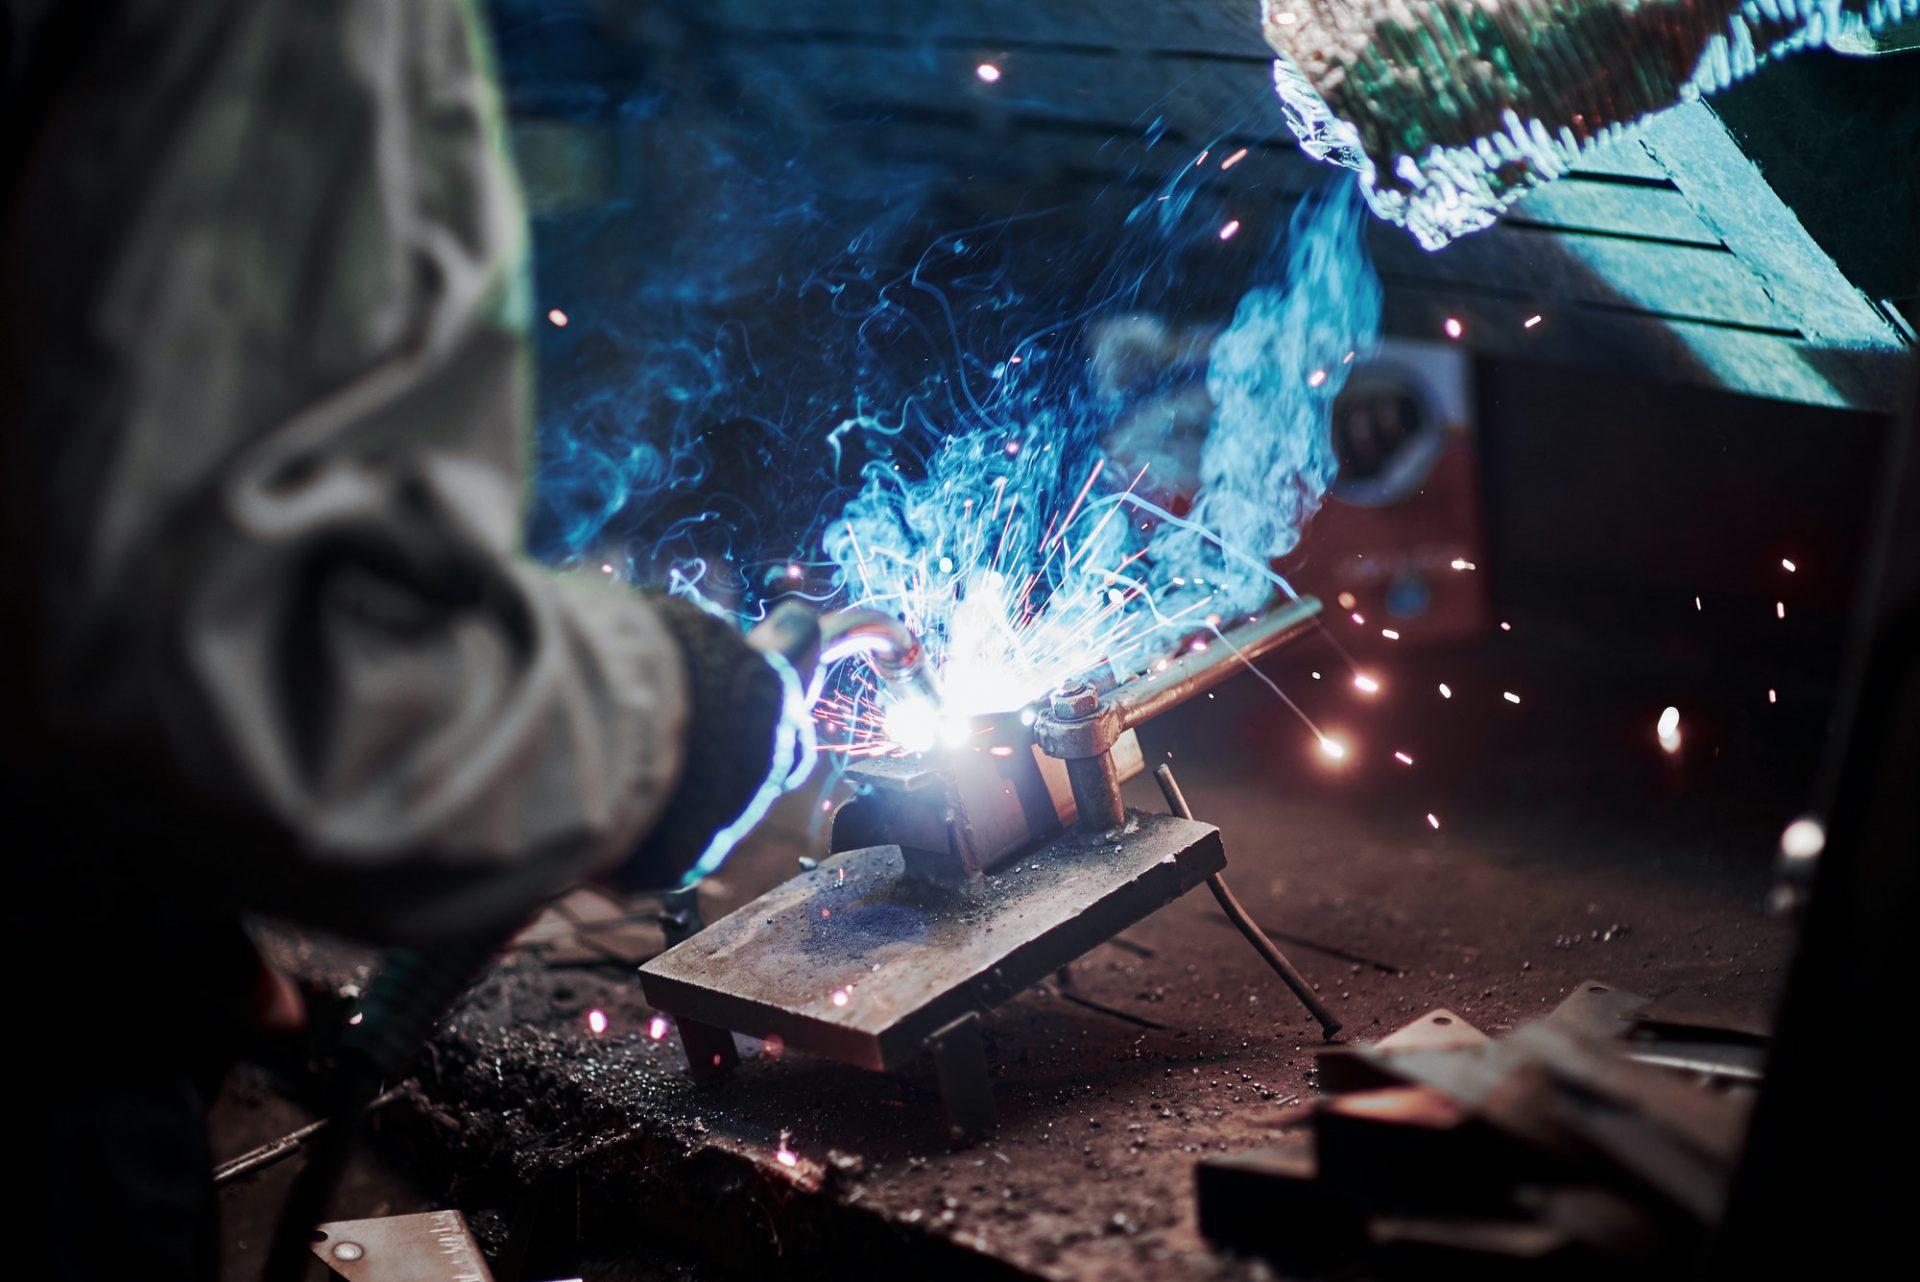 industrial-factory-weld-worker-welding-or-welder-master-weld-the-steel-e1614160417919.jpg